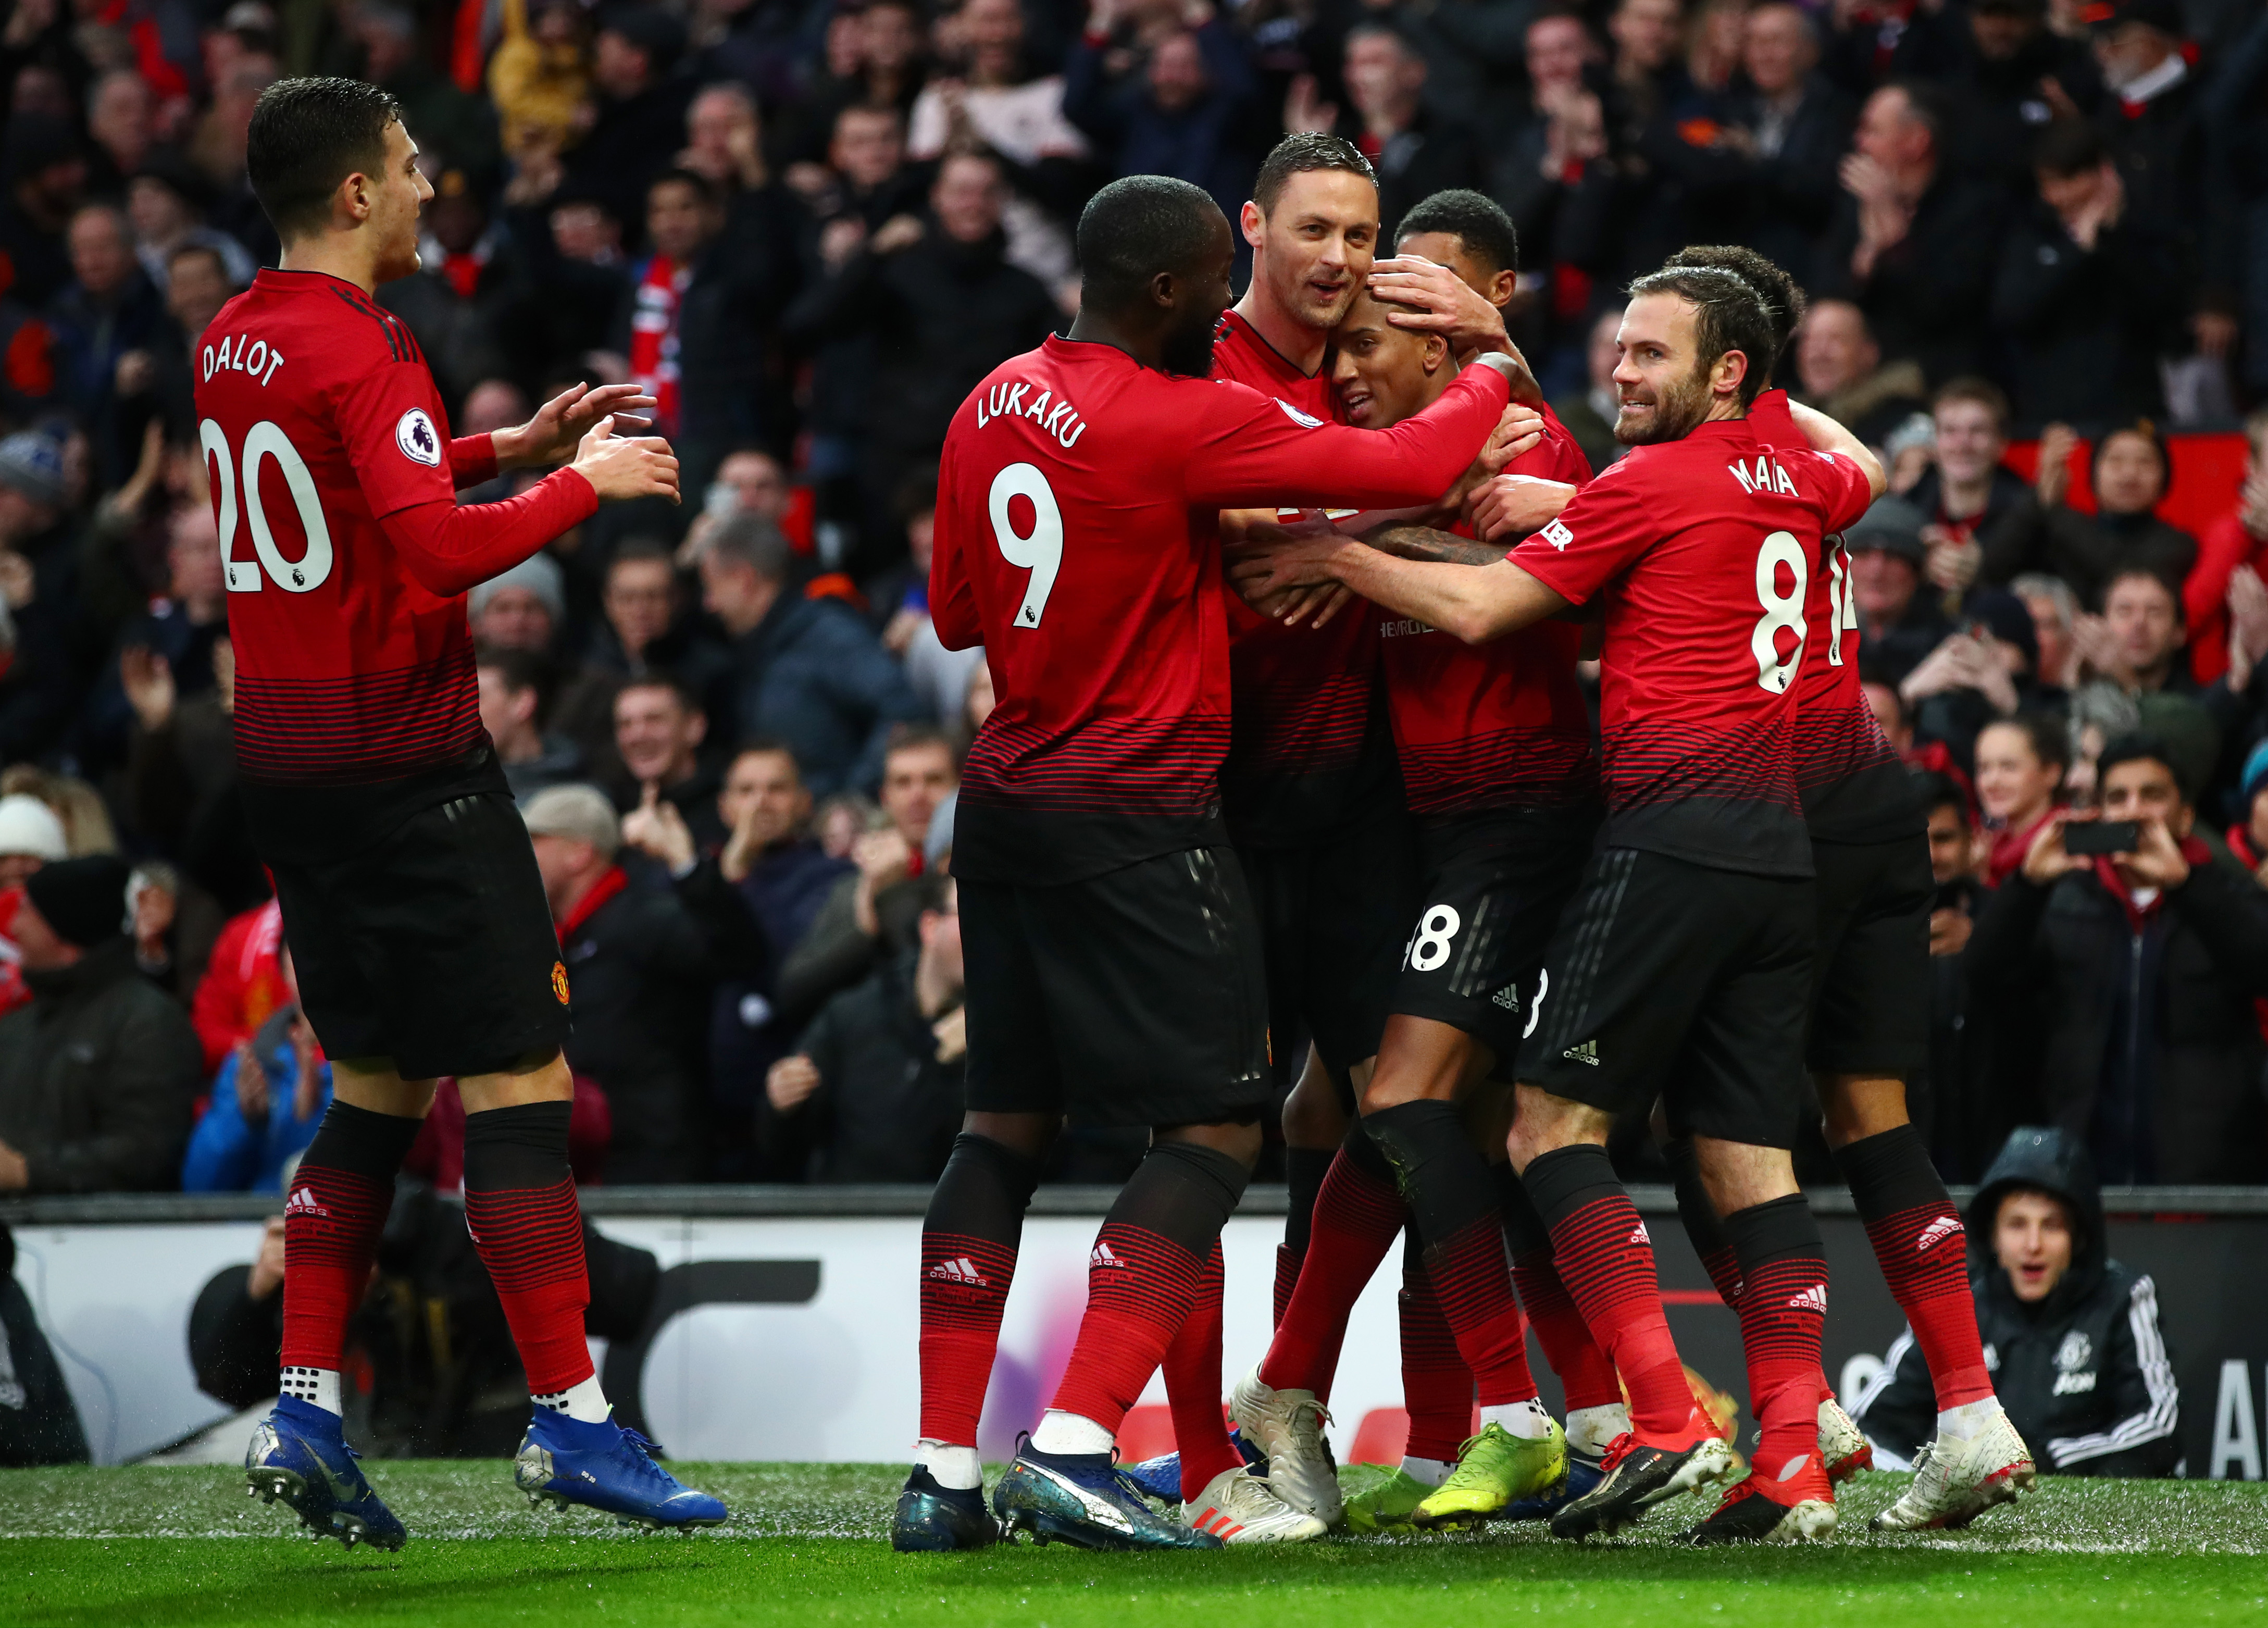 Man U Vs Fulham: Man U Vs Fulham Highlights: Red Devils Thrilling In Attack